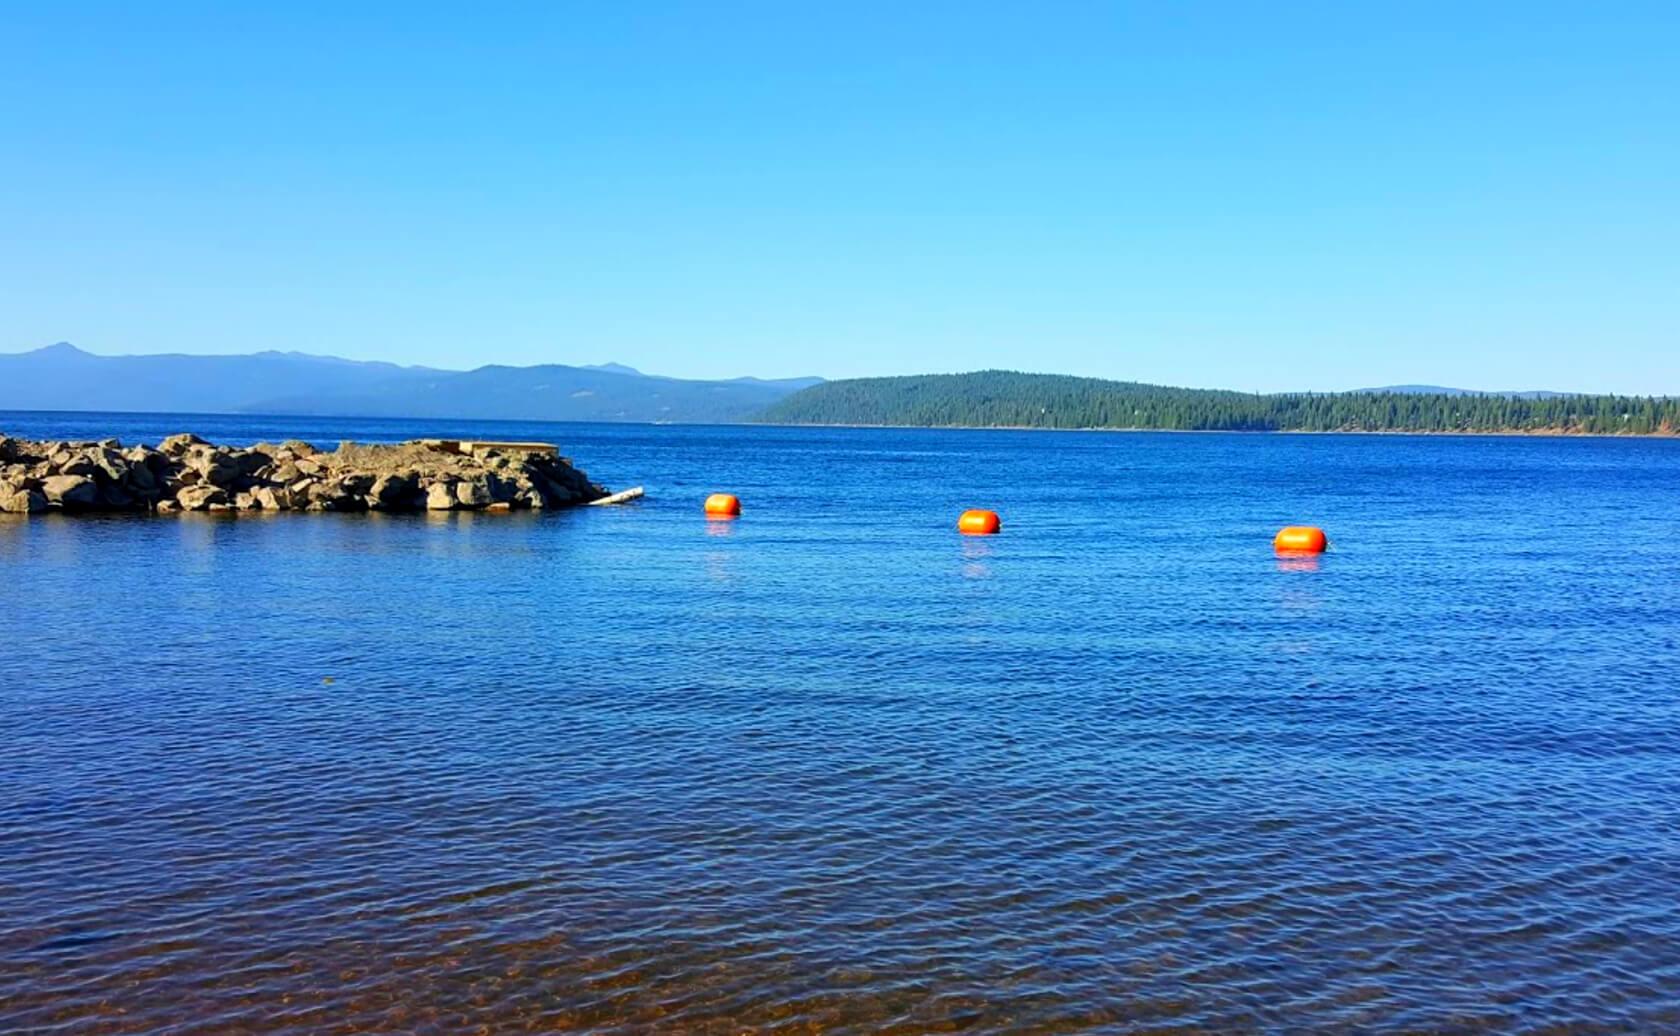 Almanor-Lake-Fishing-Guide-Report-California-04